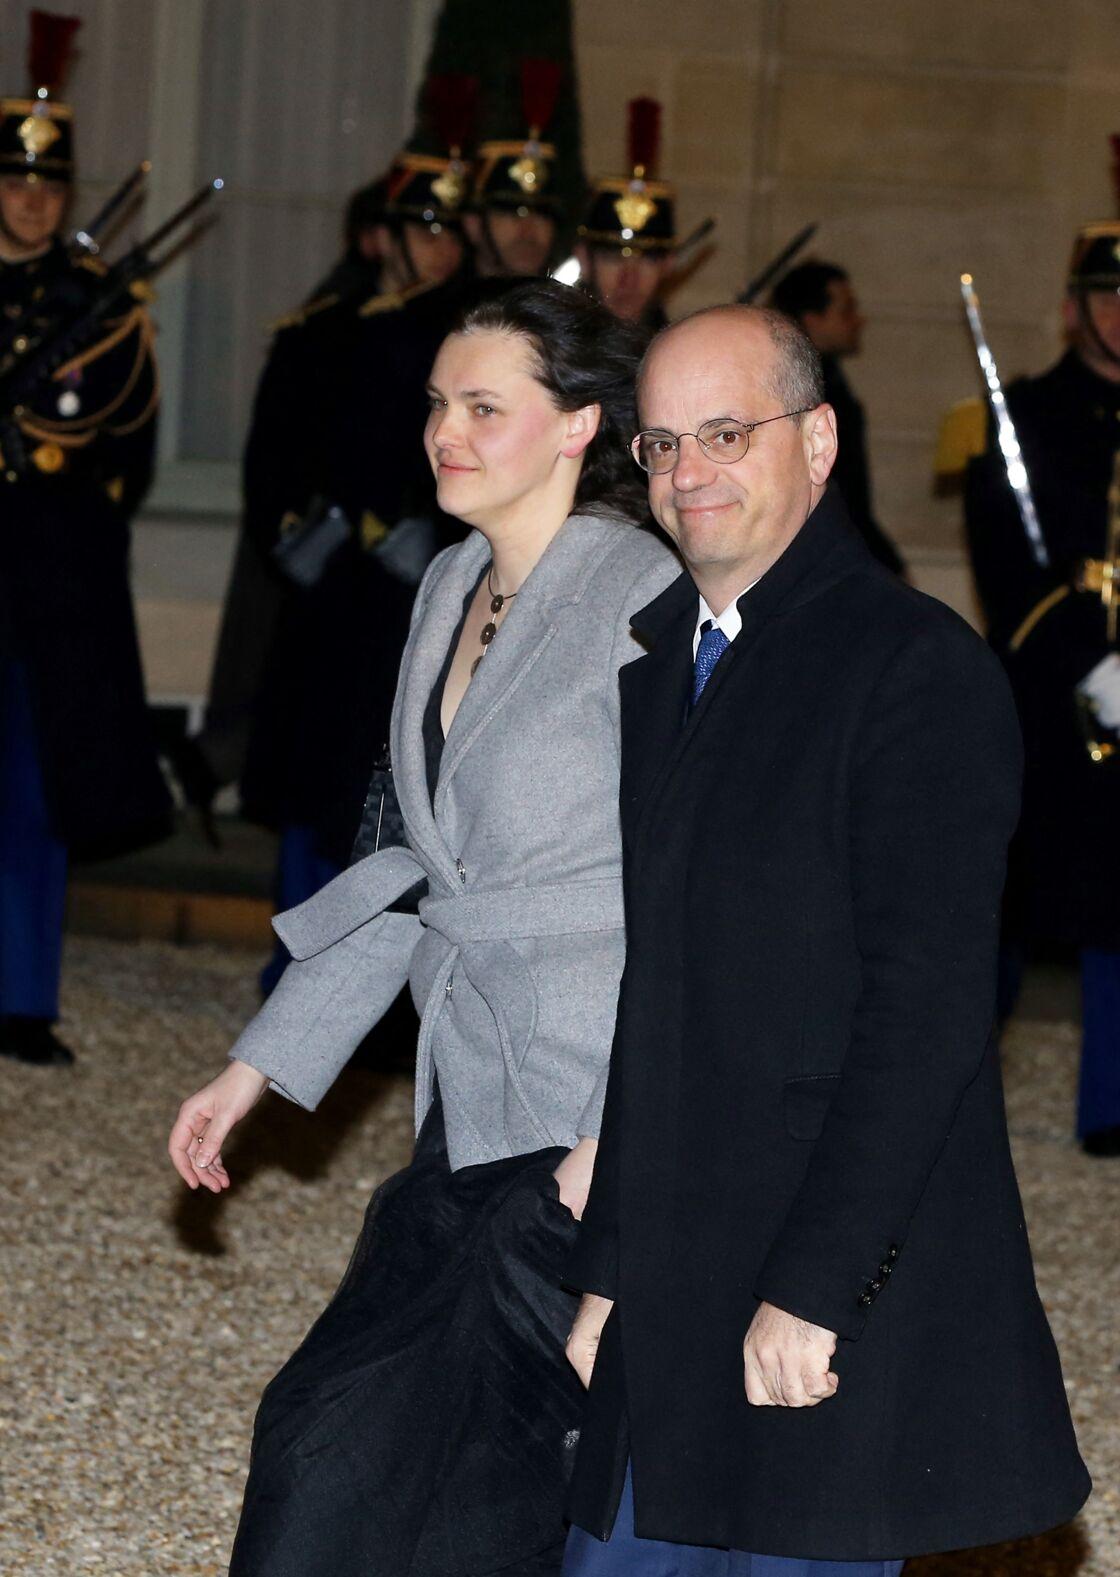 Aurélia Devos et Jean-Michel Blanquer à l'Élysée, le 19 mars 2018